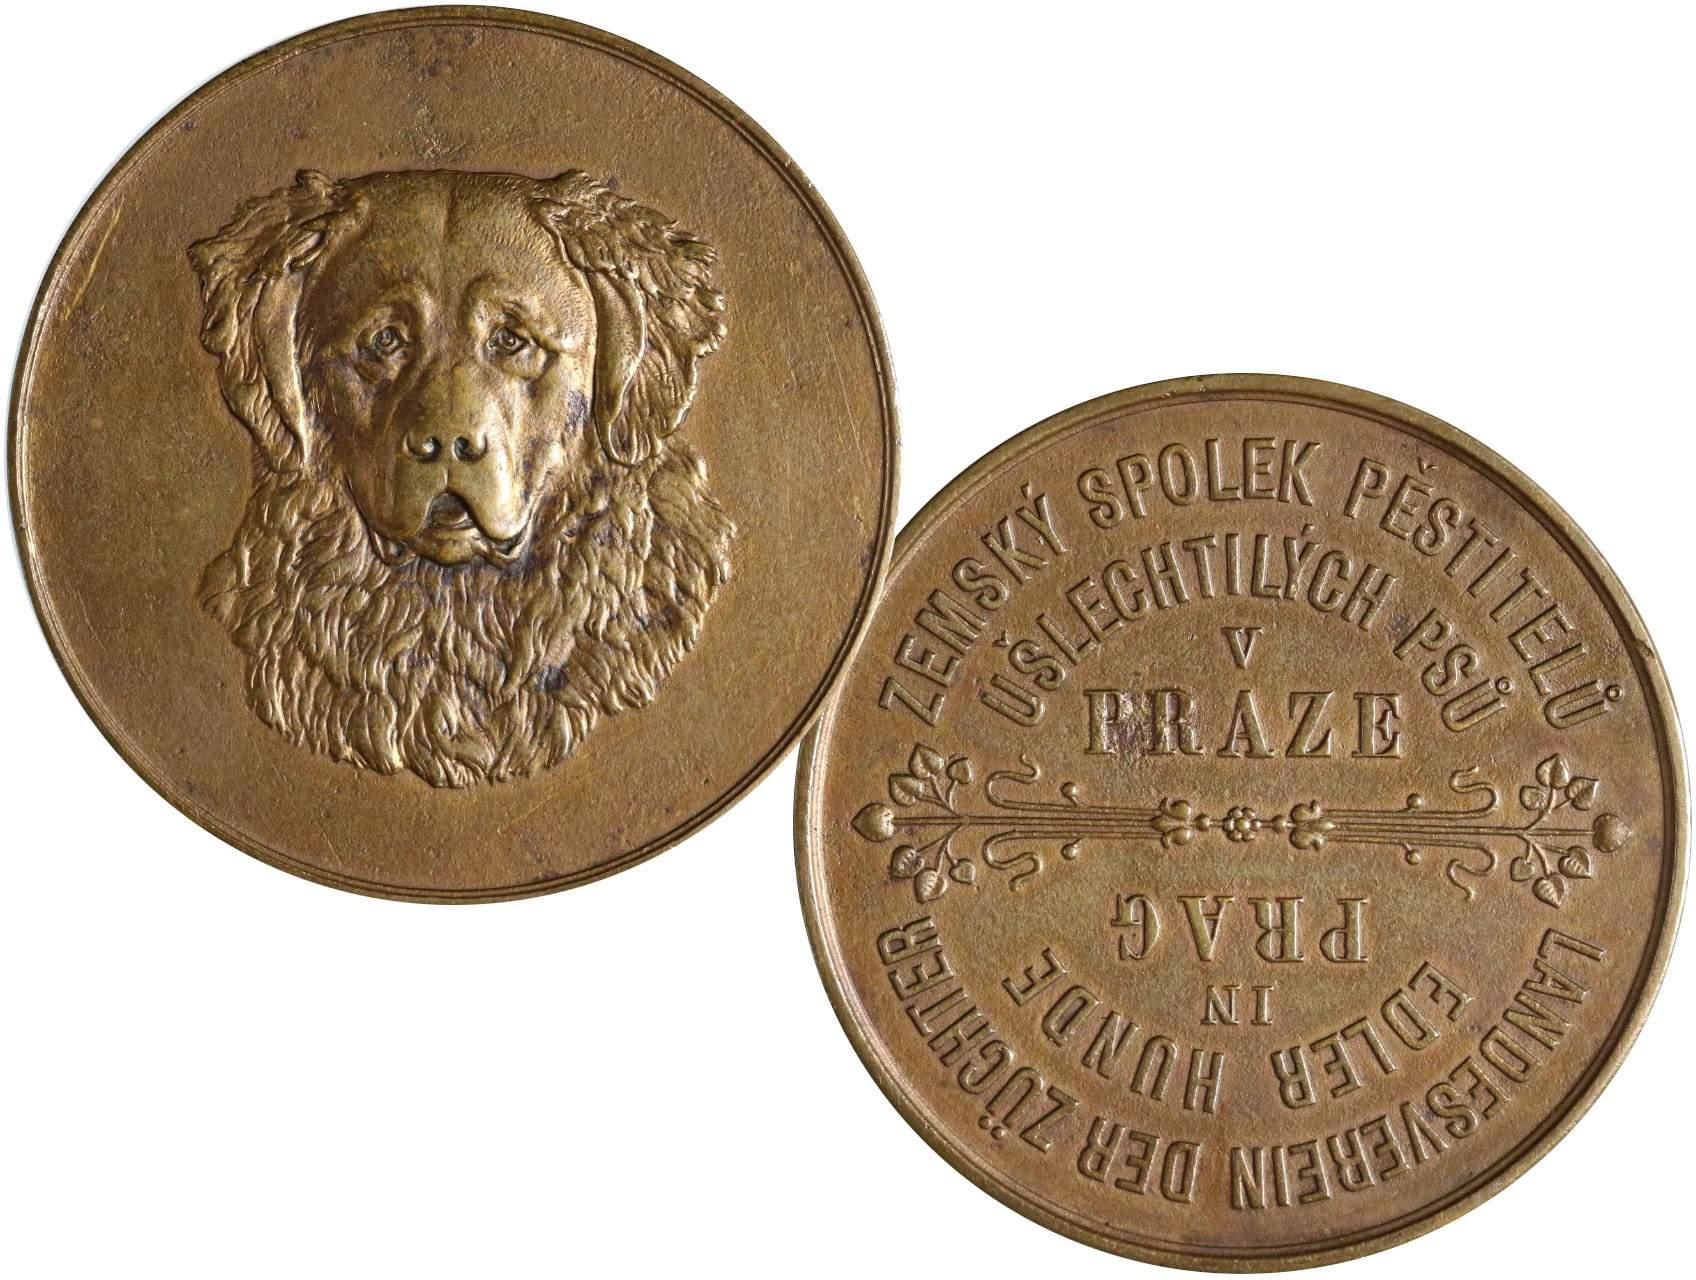 Spolkové - AE medaile b.l., Zemský spolek pěstitelů ušlechtilých psů v Praze. Psí hlava čelně / Česko-německý text. Bronz 45 mm